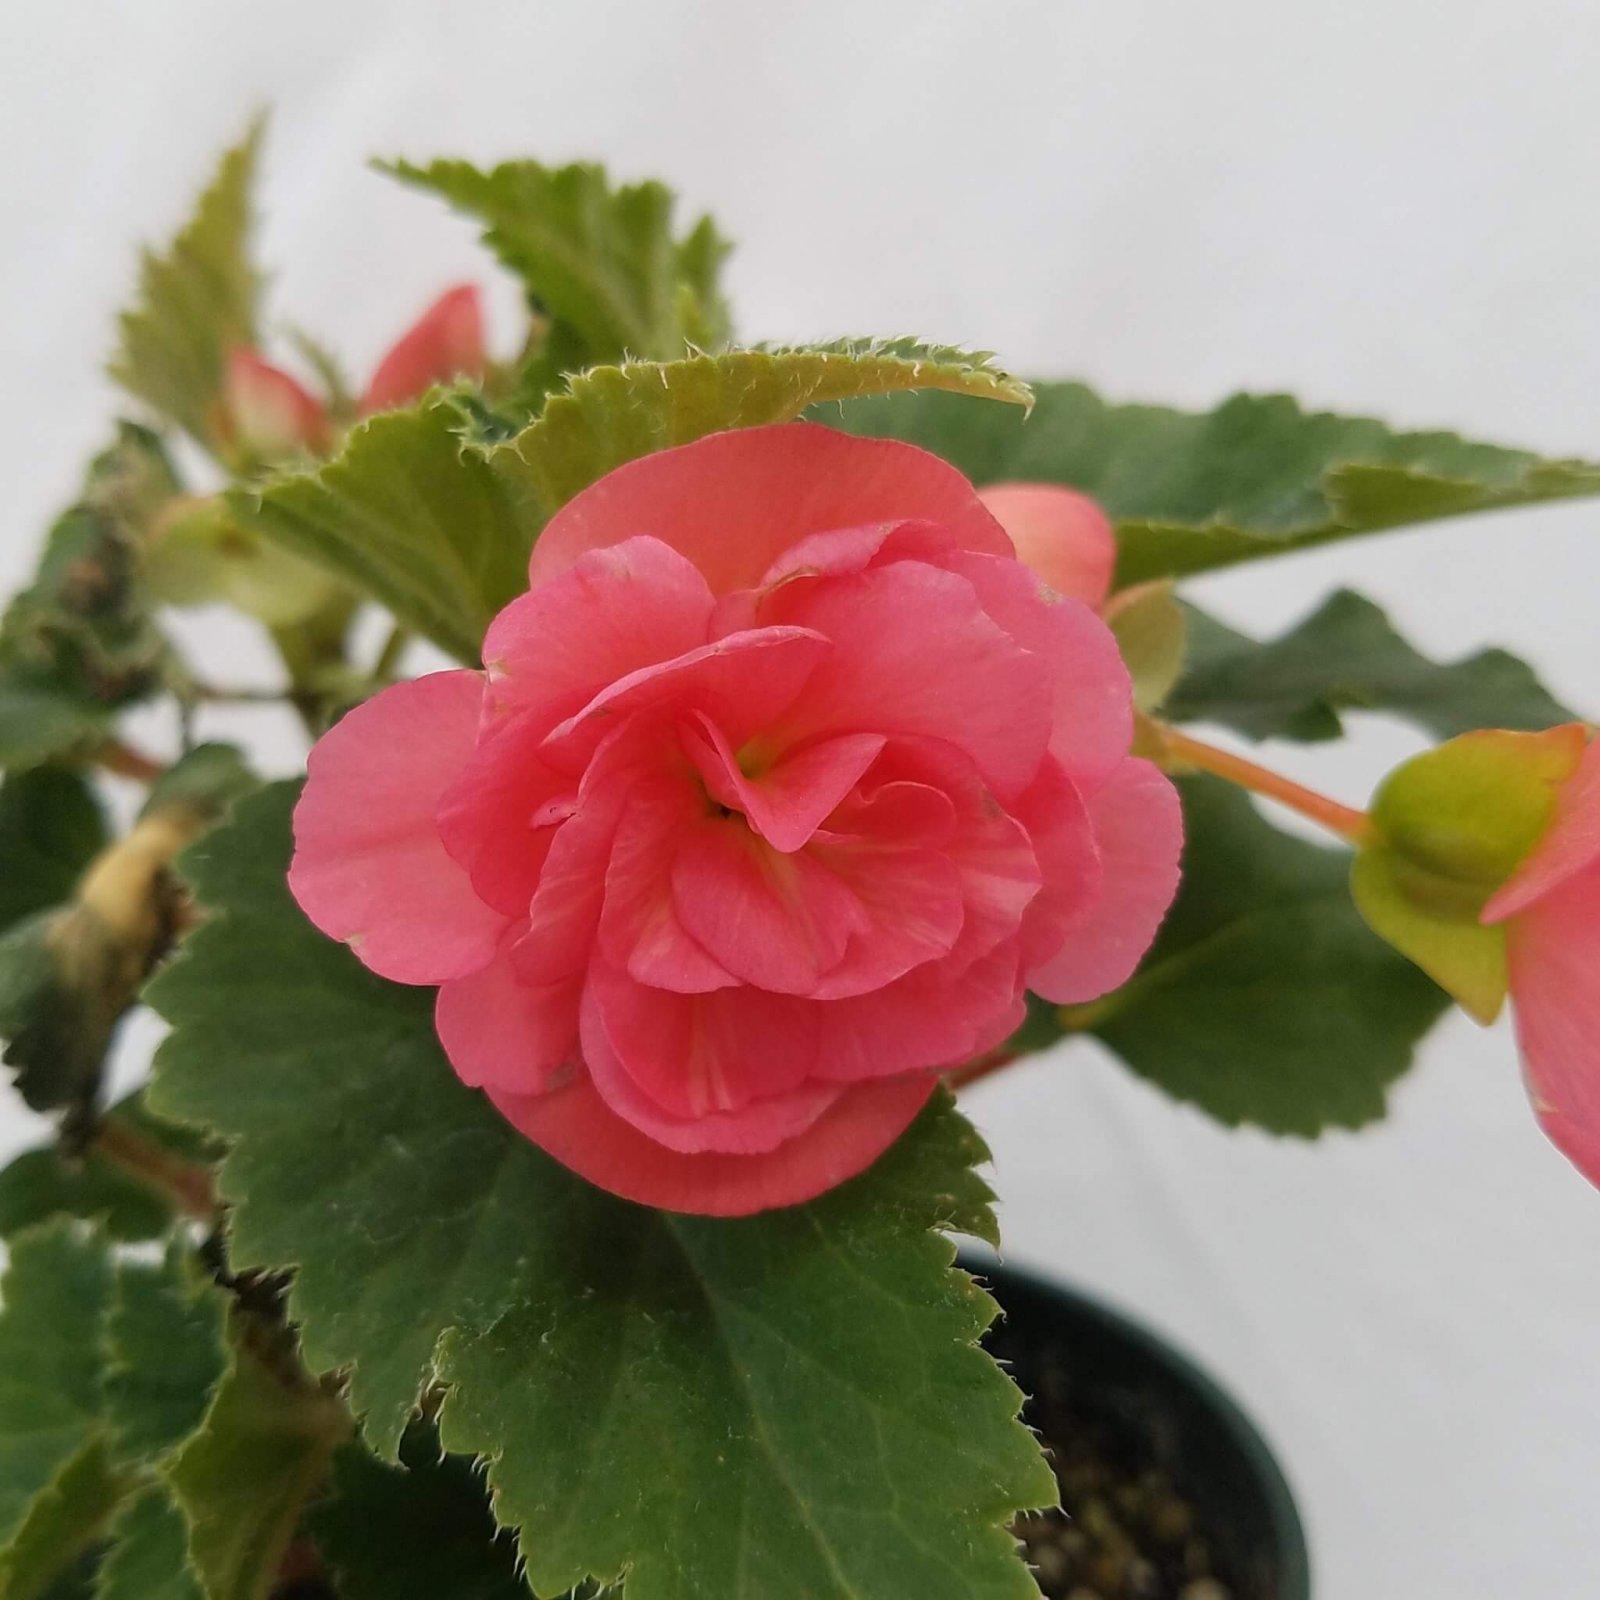 Begonia tuberosa 'Bliss Pink Shades' - 4 1/2